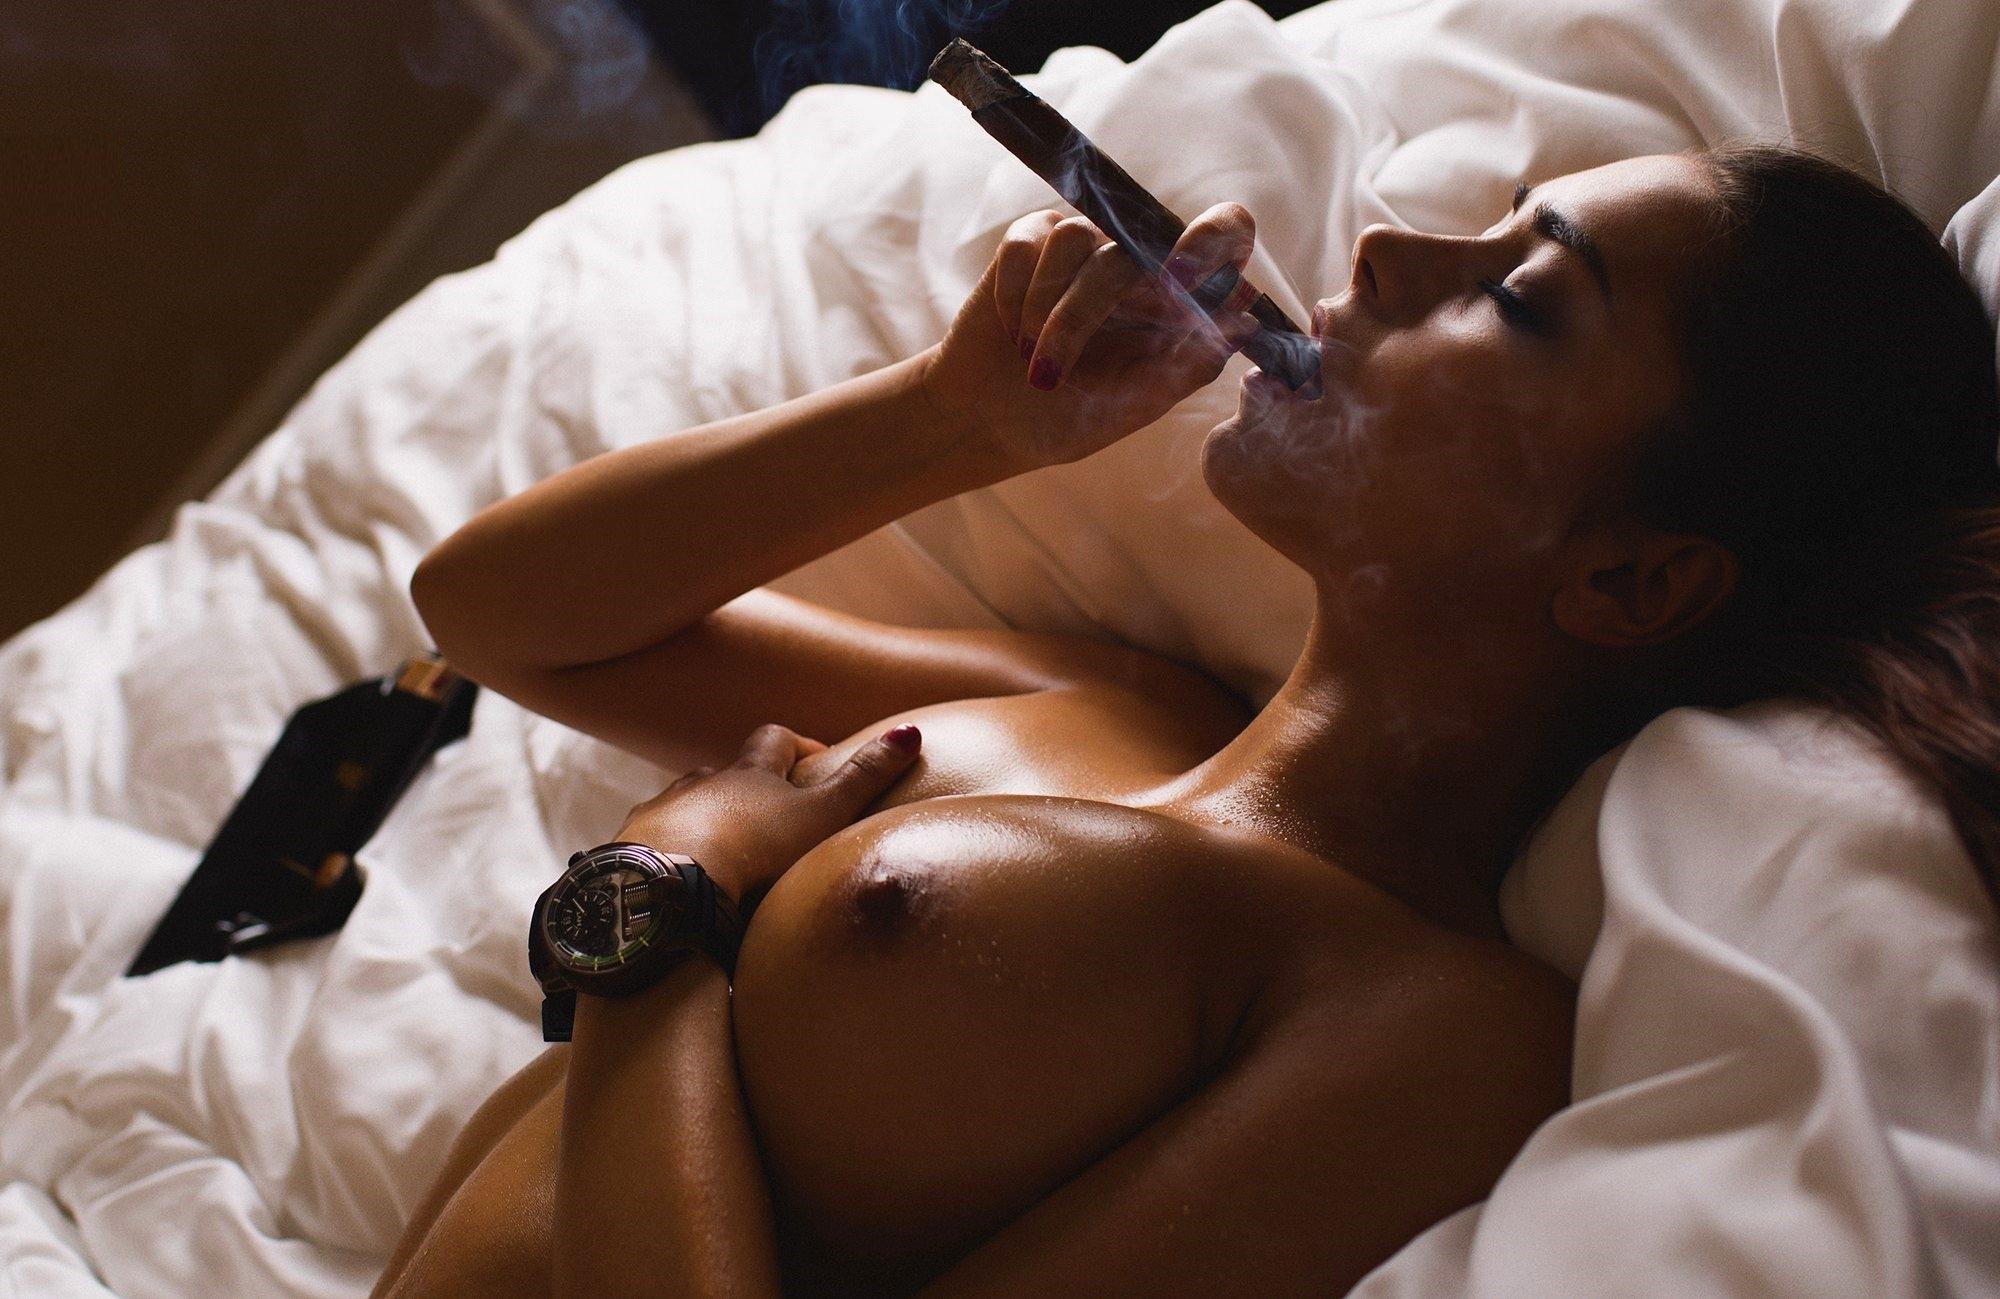 Pictures Of Men Smoking Cigars Girls In Bondage Pics Fucking Hot Nude Girls